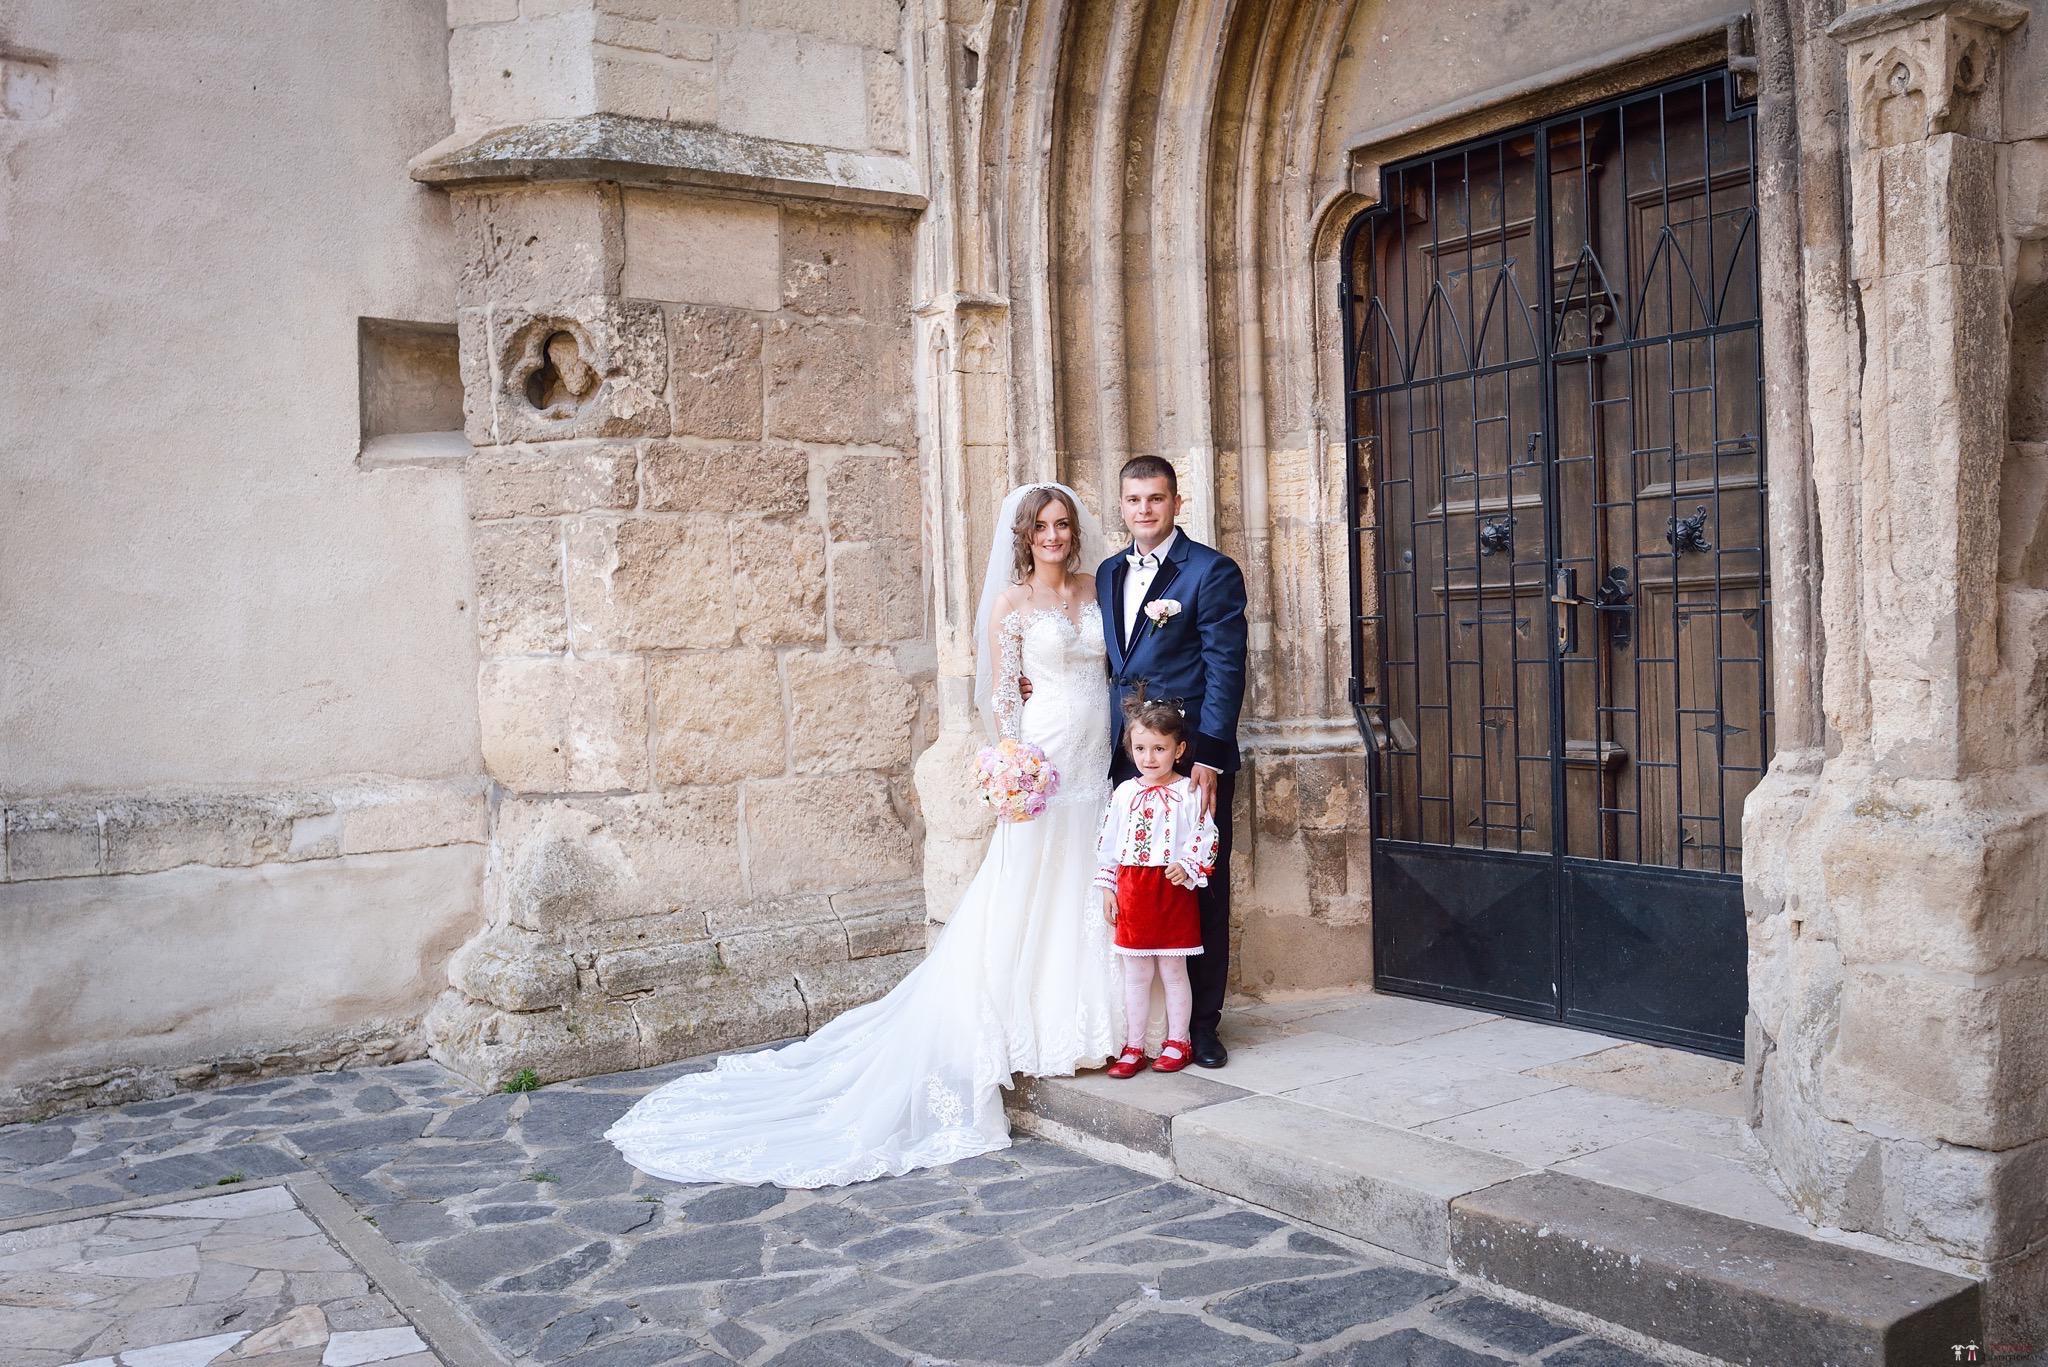 Povești Nunți Tradiționale - Constantin și Simona-Marilena. Nuntă tradițională în Căpâlna, Alba 51